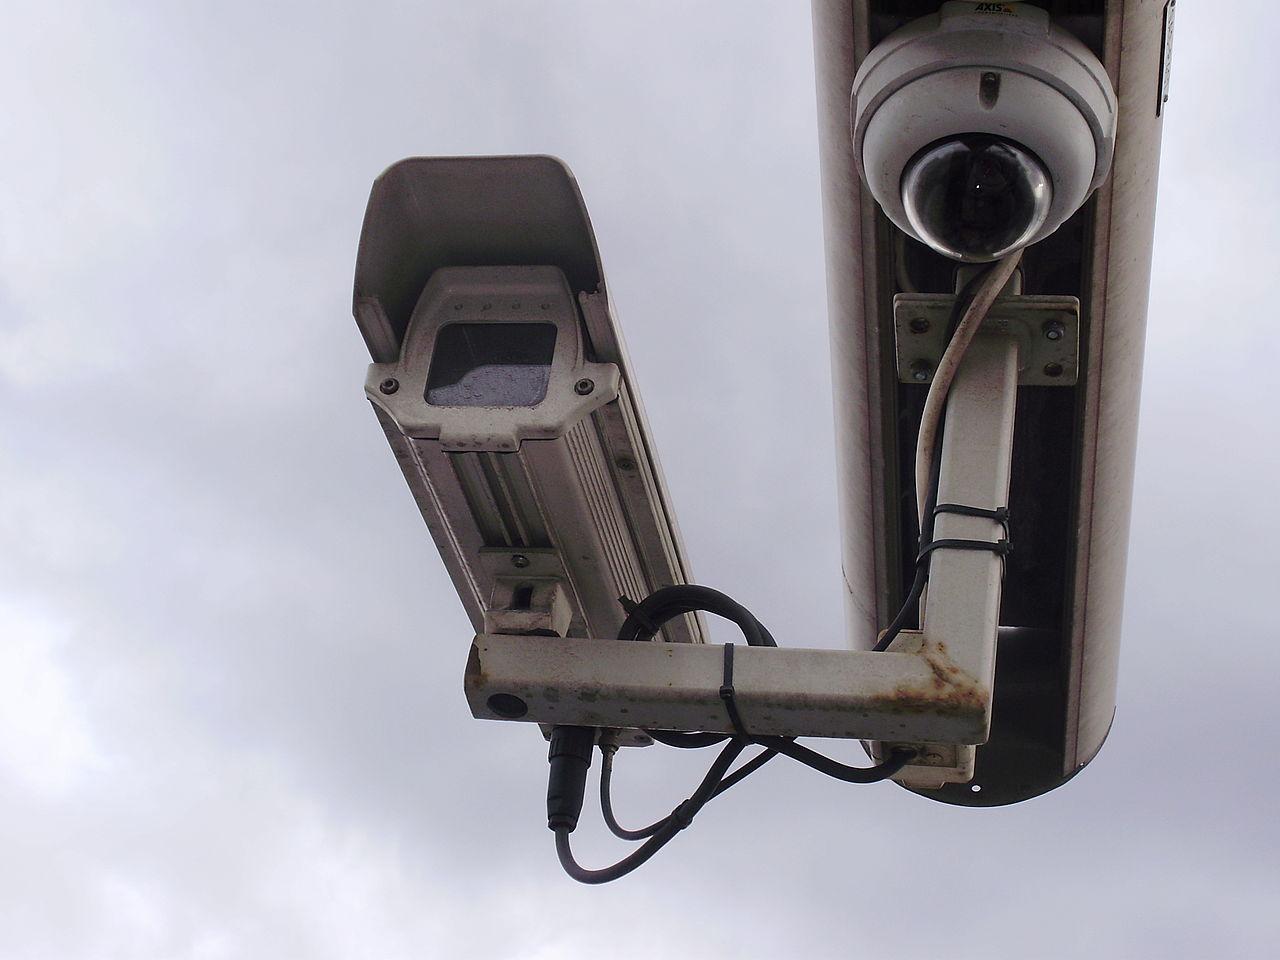 CCTV Services Dubai